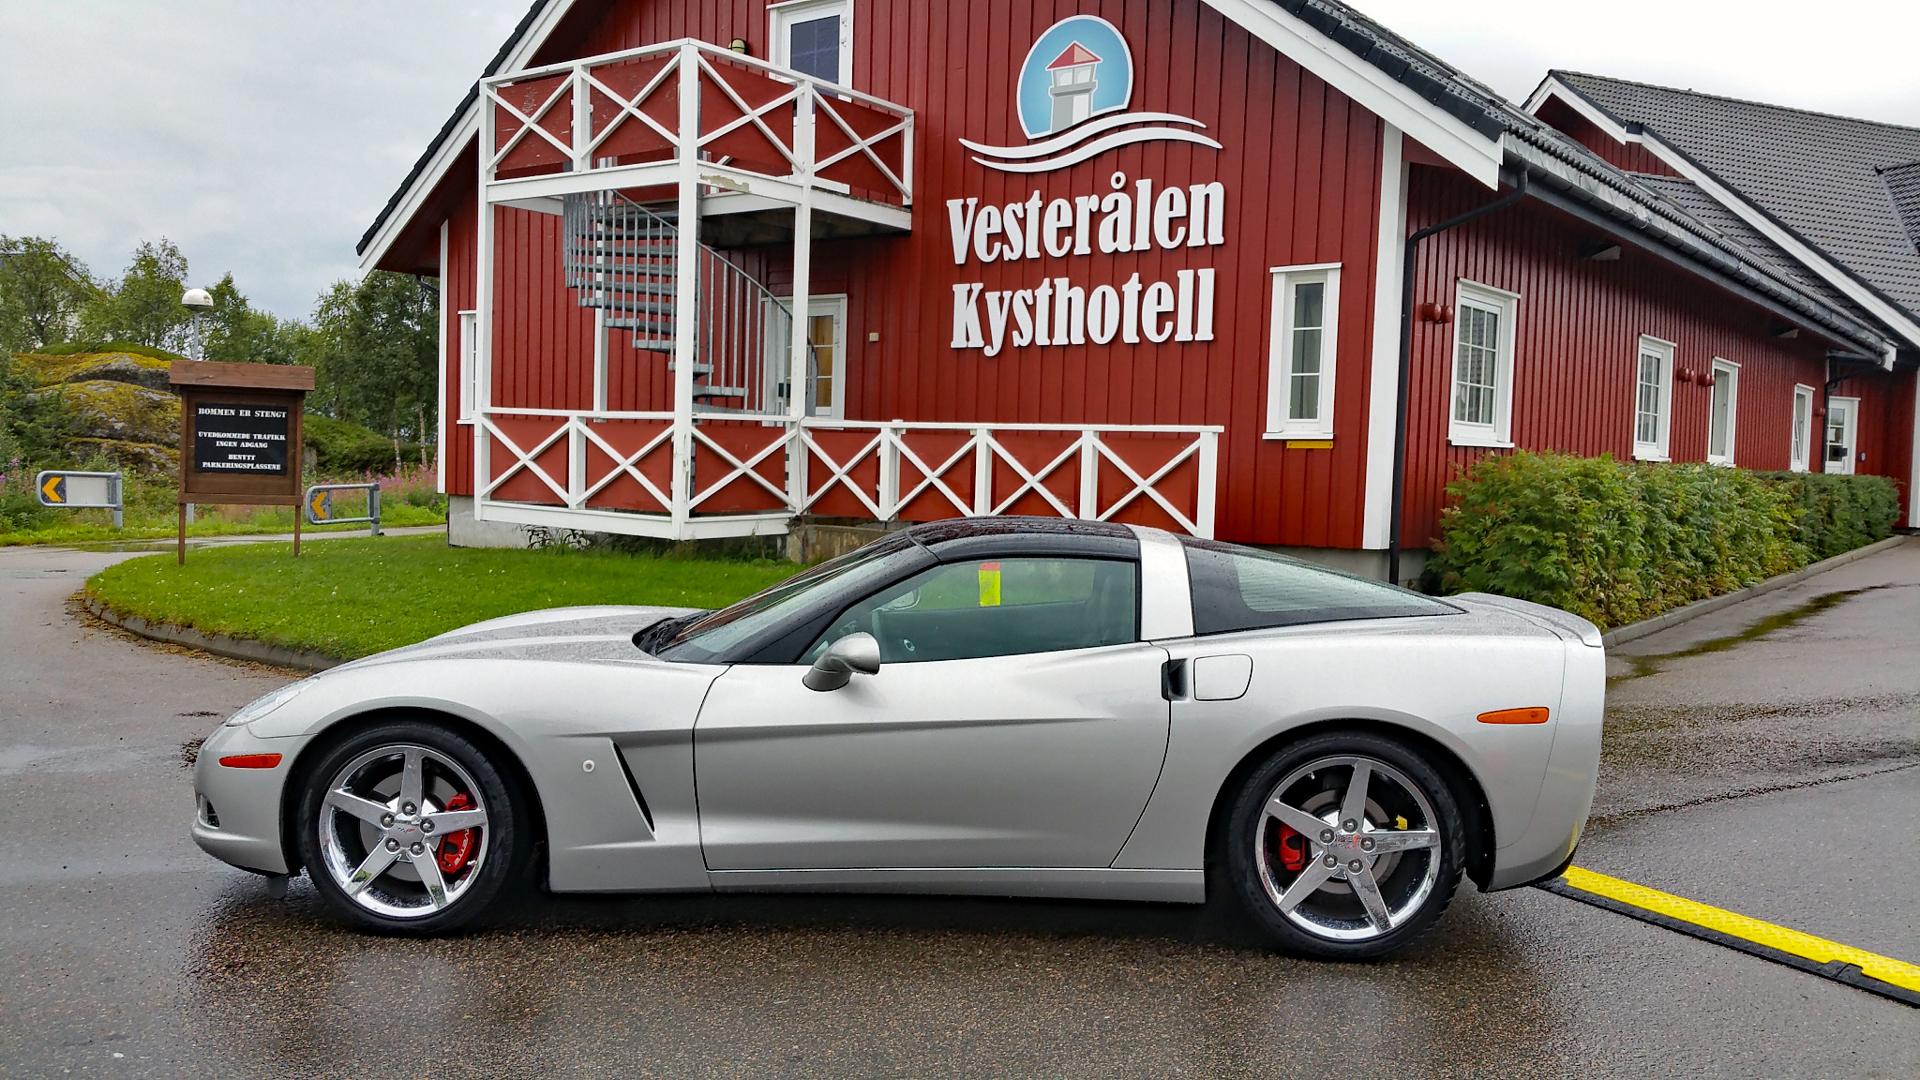 201-2005 Chevrolet Corvette 01. Eier- medlem 201 R